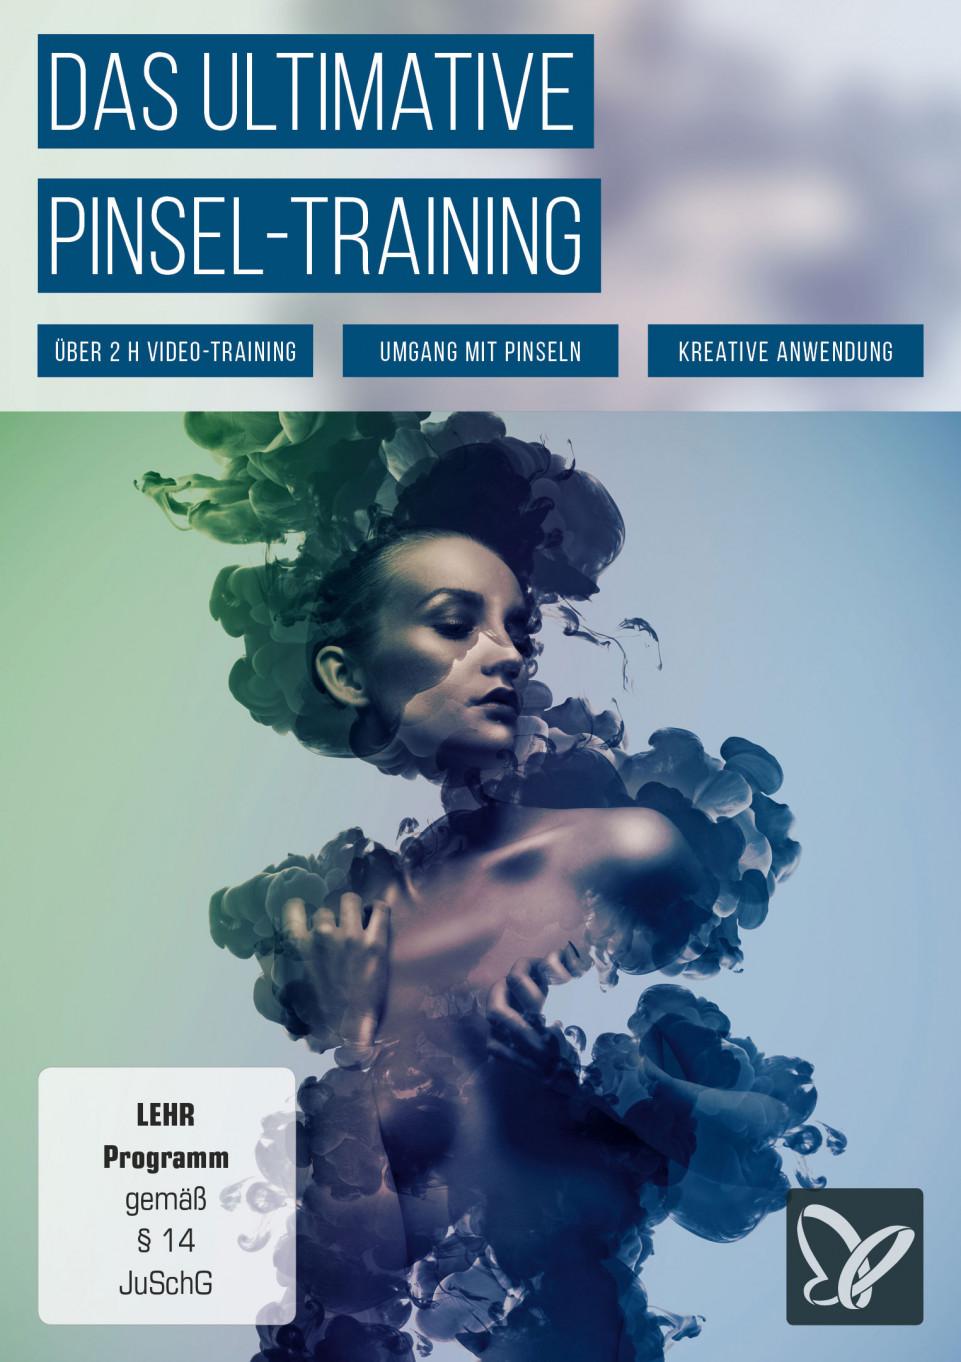 Pinsel installieren, erstellen & kreativ anwenden: Tutorial für Photoshop